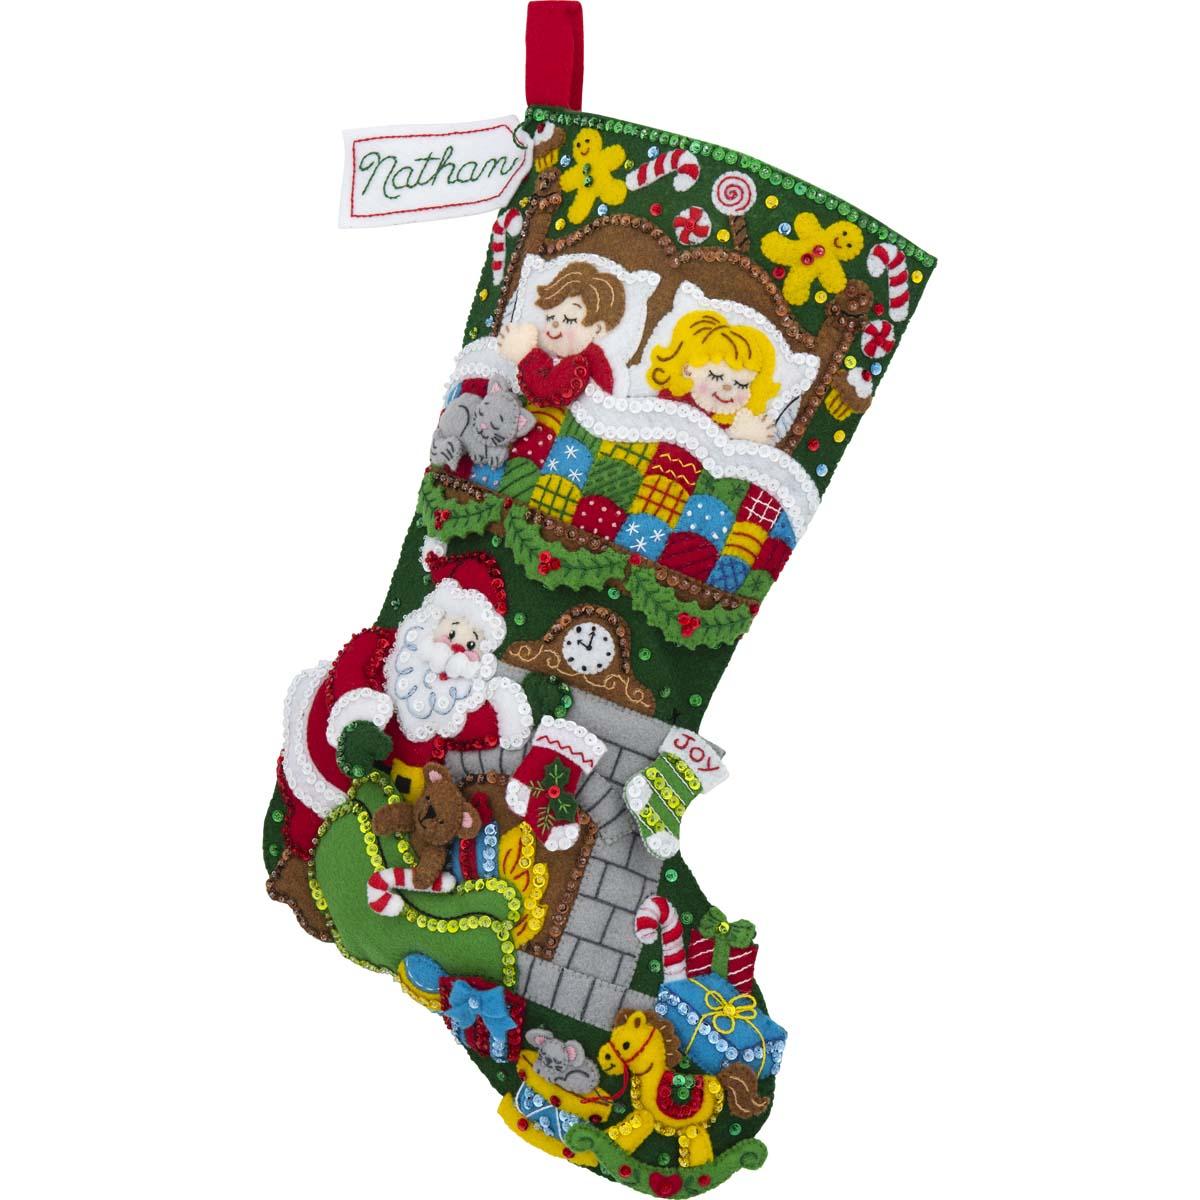 Bucilla ® Seasonal - Felt - Ornament Kits - Tis a Night Before Christmas - 89288E